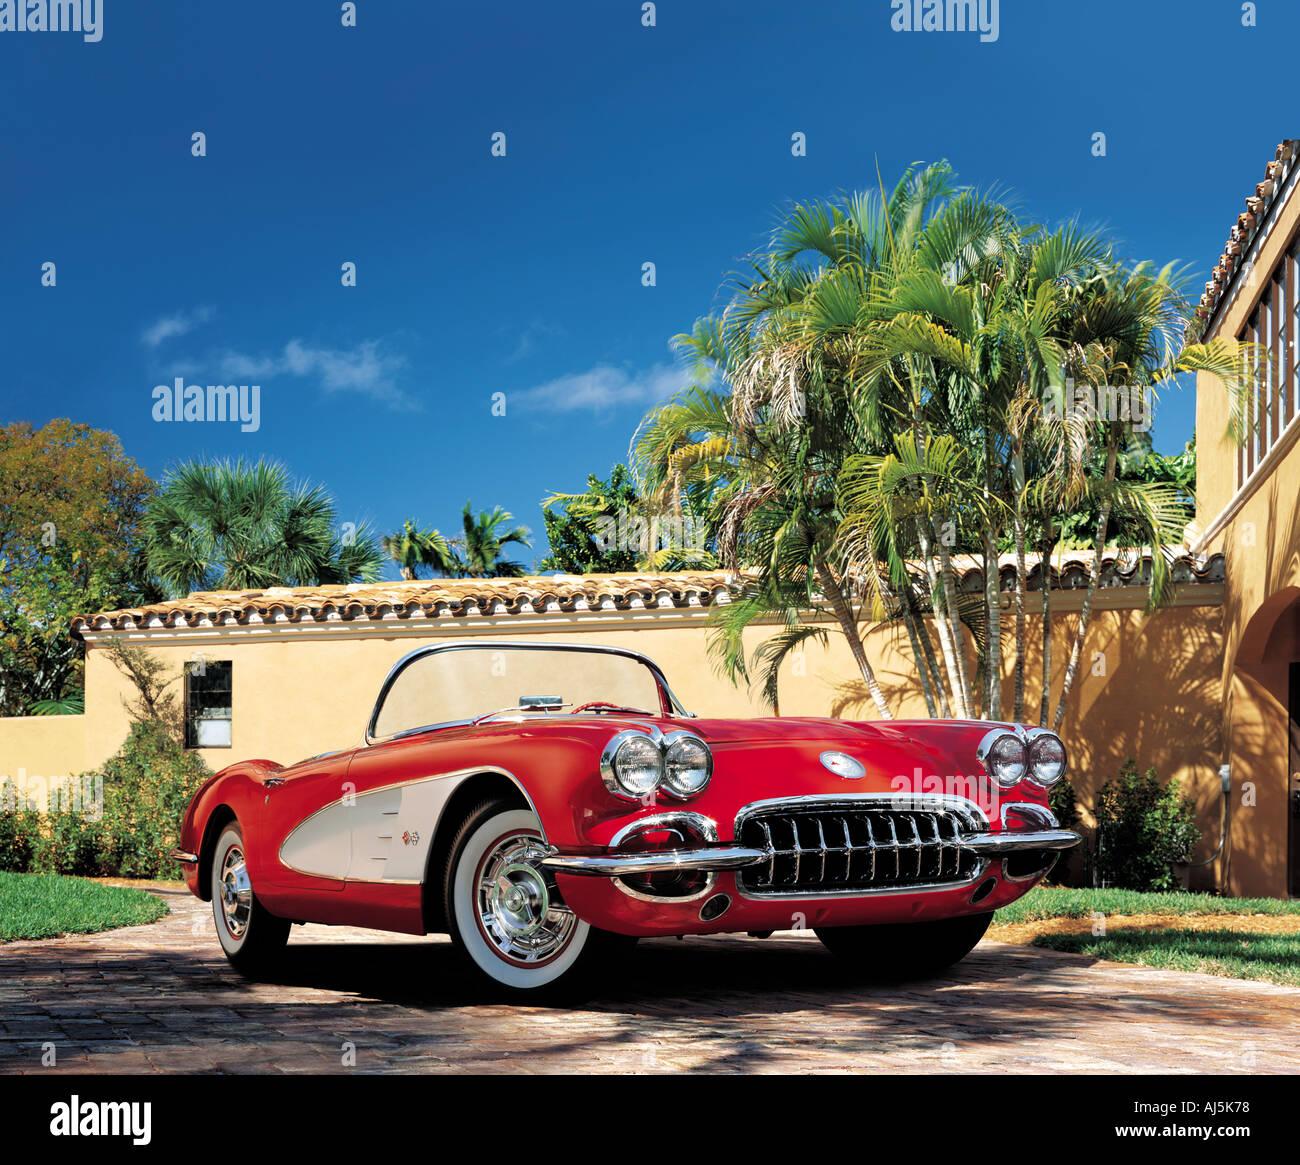 Lágrima rojo y blanco 1960 Chevrolet Corvette Imagen De Stock